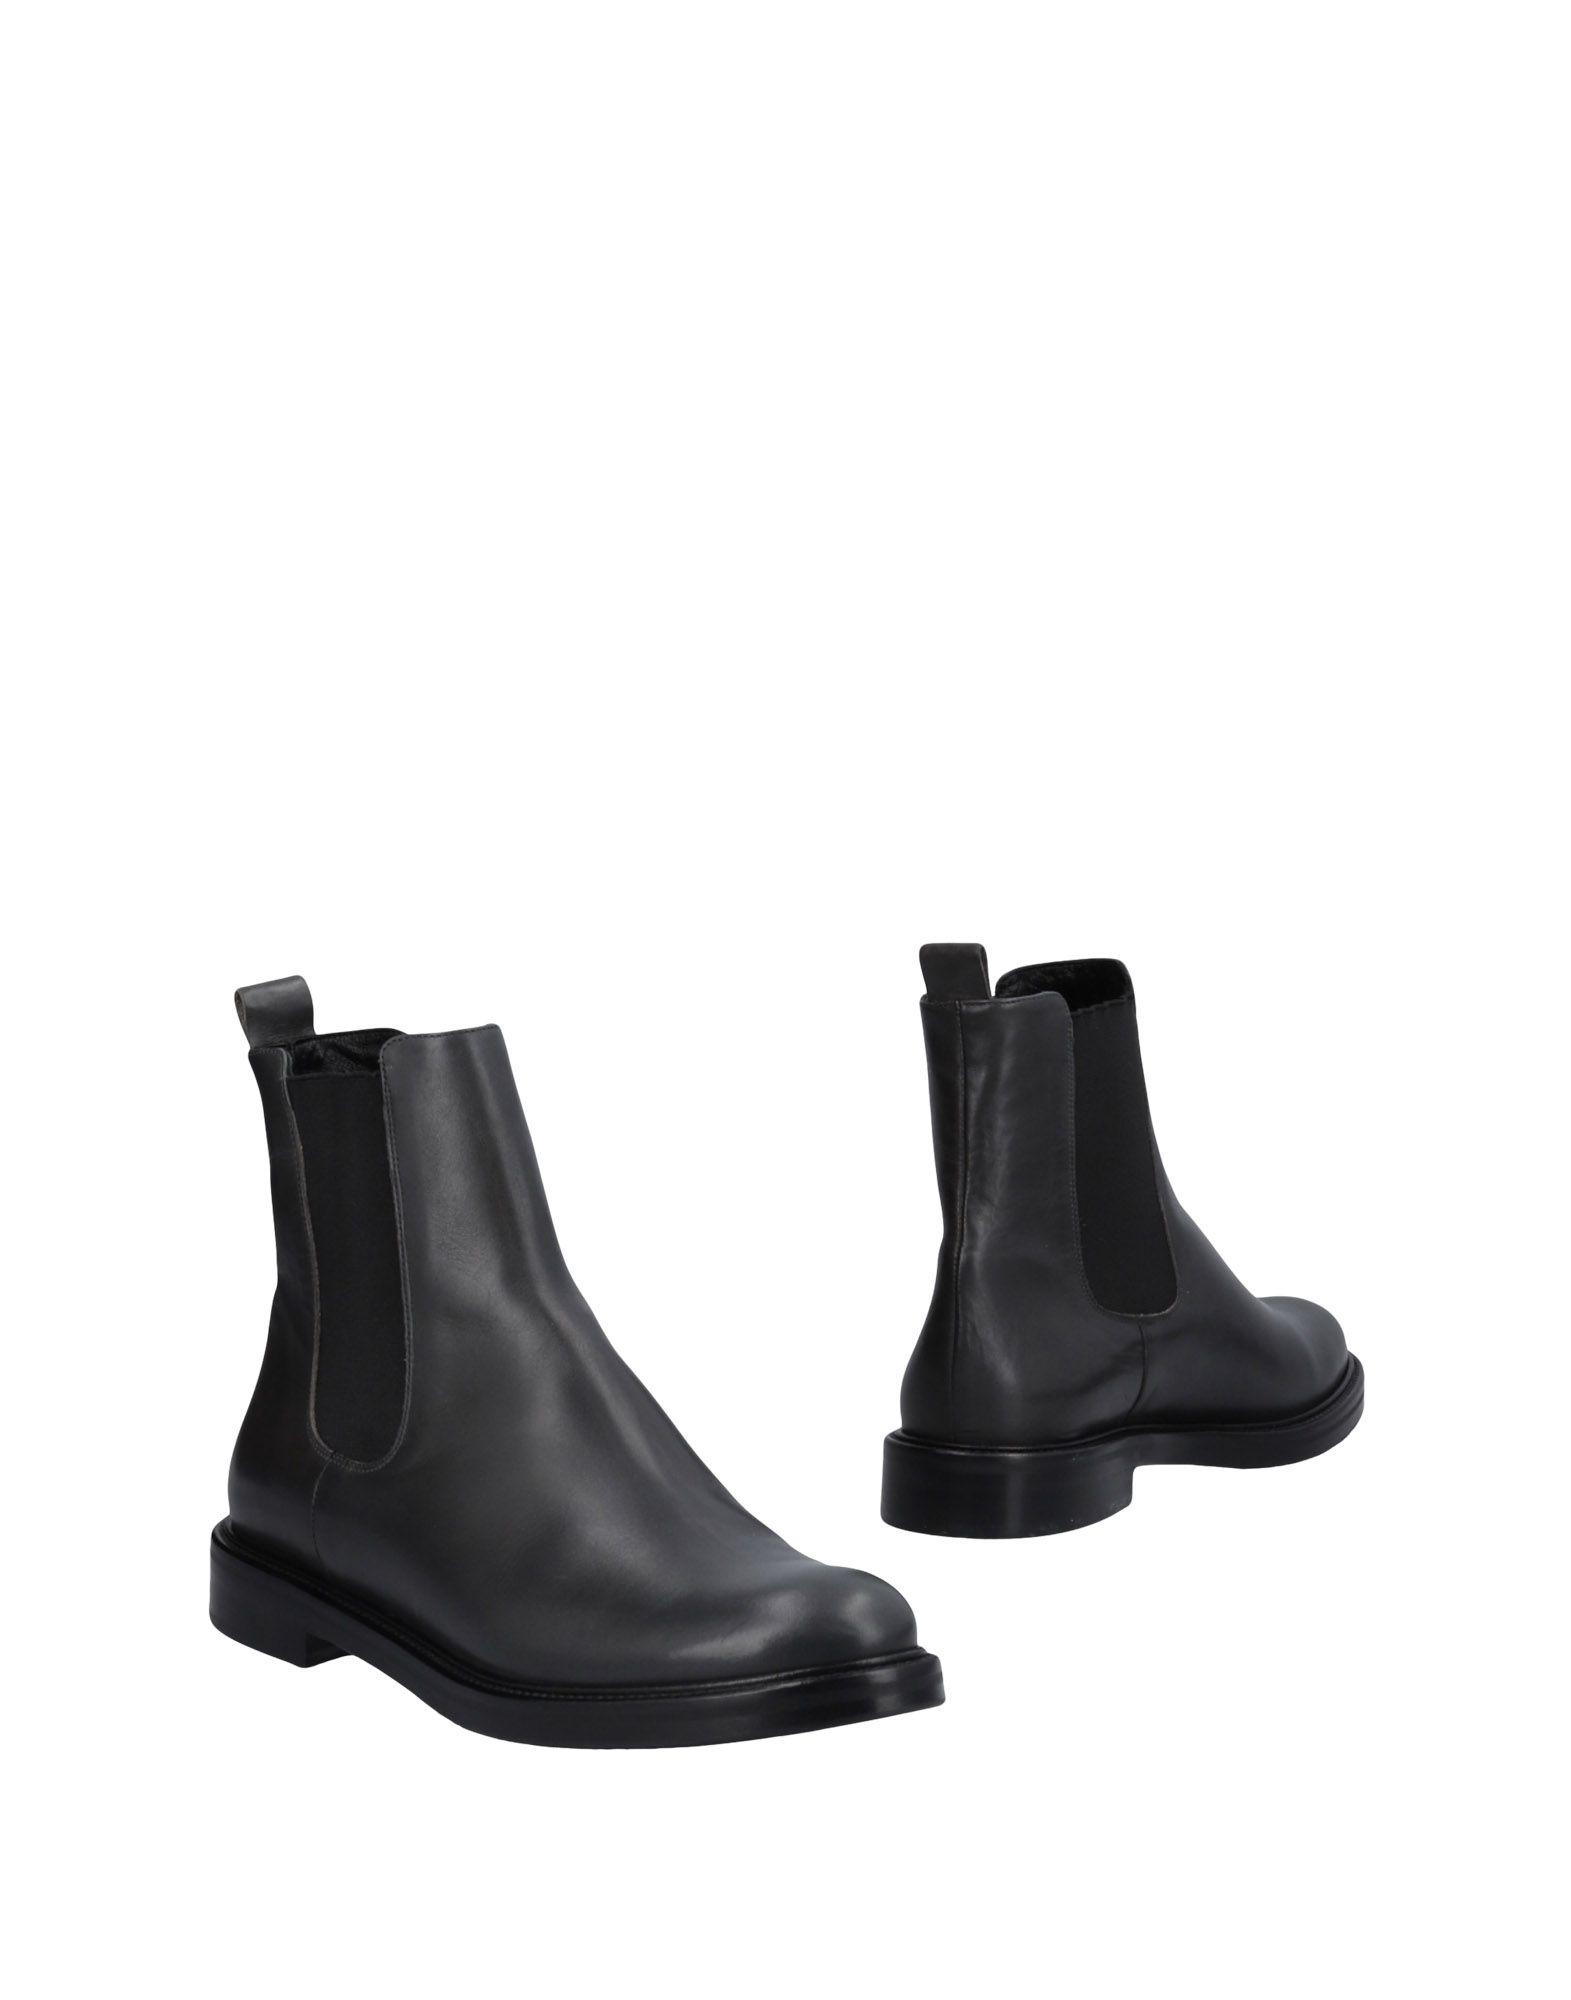 Guglielmo Rotta Chelsea Boots Damen  11486153QH 11486153QH 11486153QH Neue Schuhe d43176